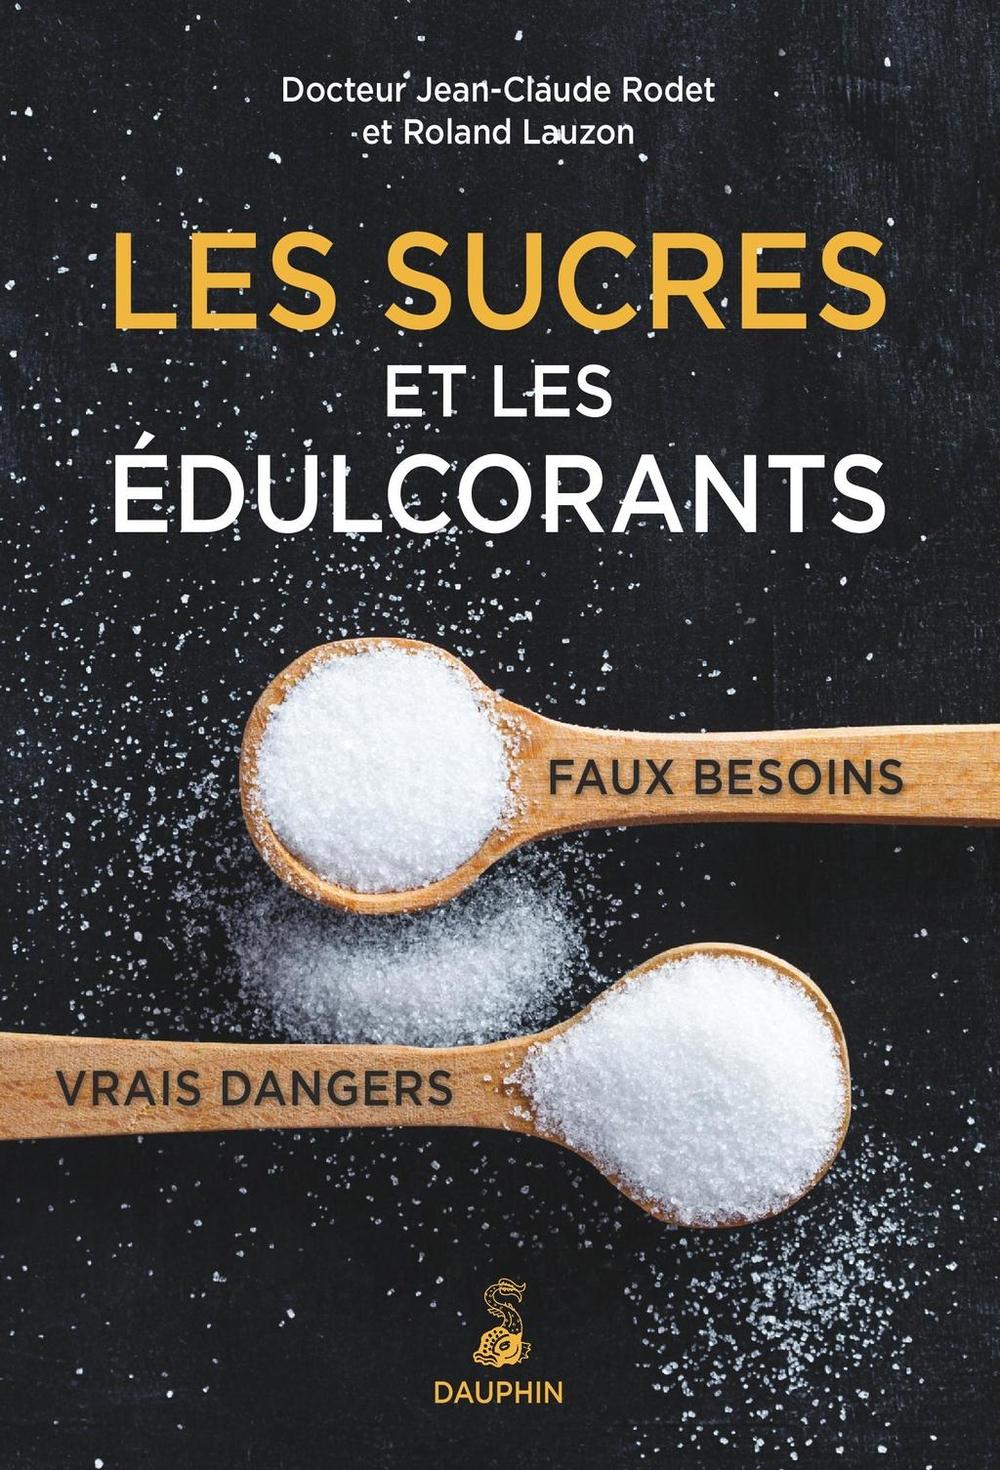 Les sucres et les édulcorants